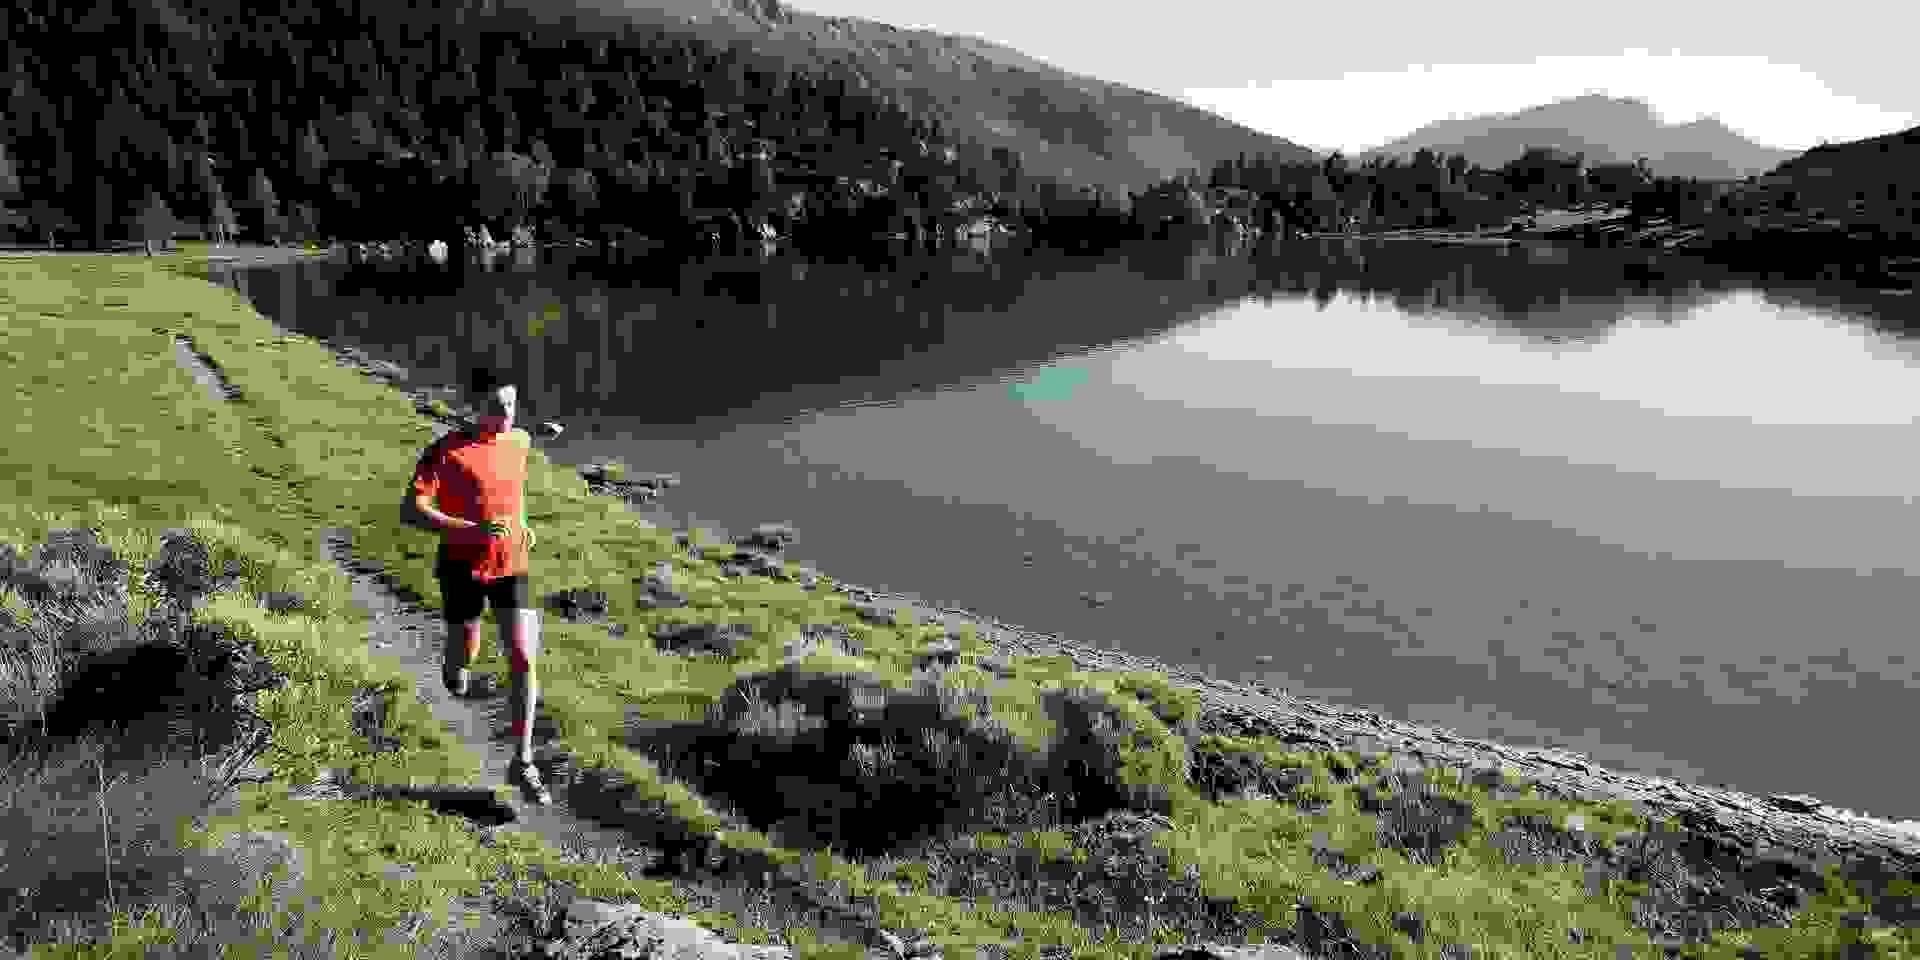 Ein Trailrunner läuft an einem Bergsee entlang.